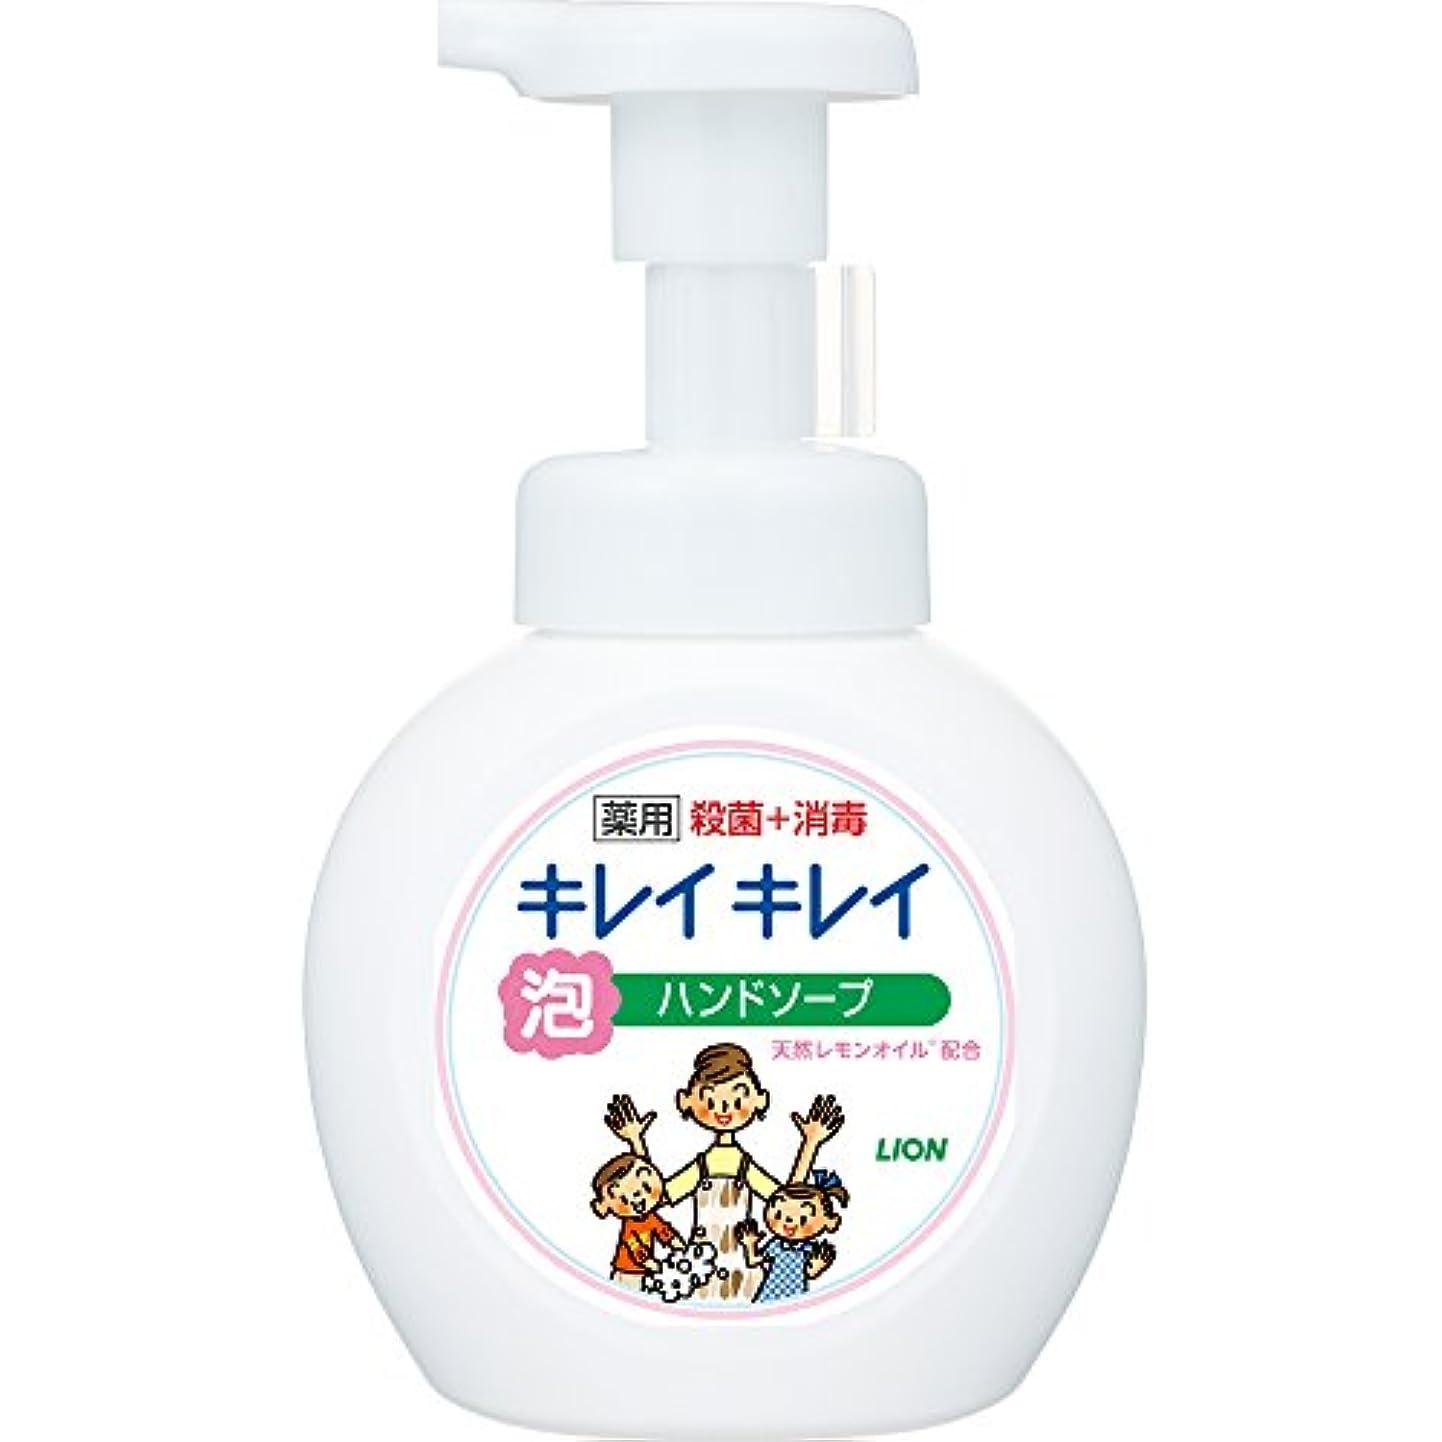 コンパクト献身スクランブルキレイキレイ 薬用 泡ハンドソープ シトラスフルーティの香り 本体ポンプ 250ml(医薬部外品)